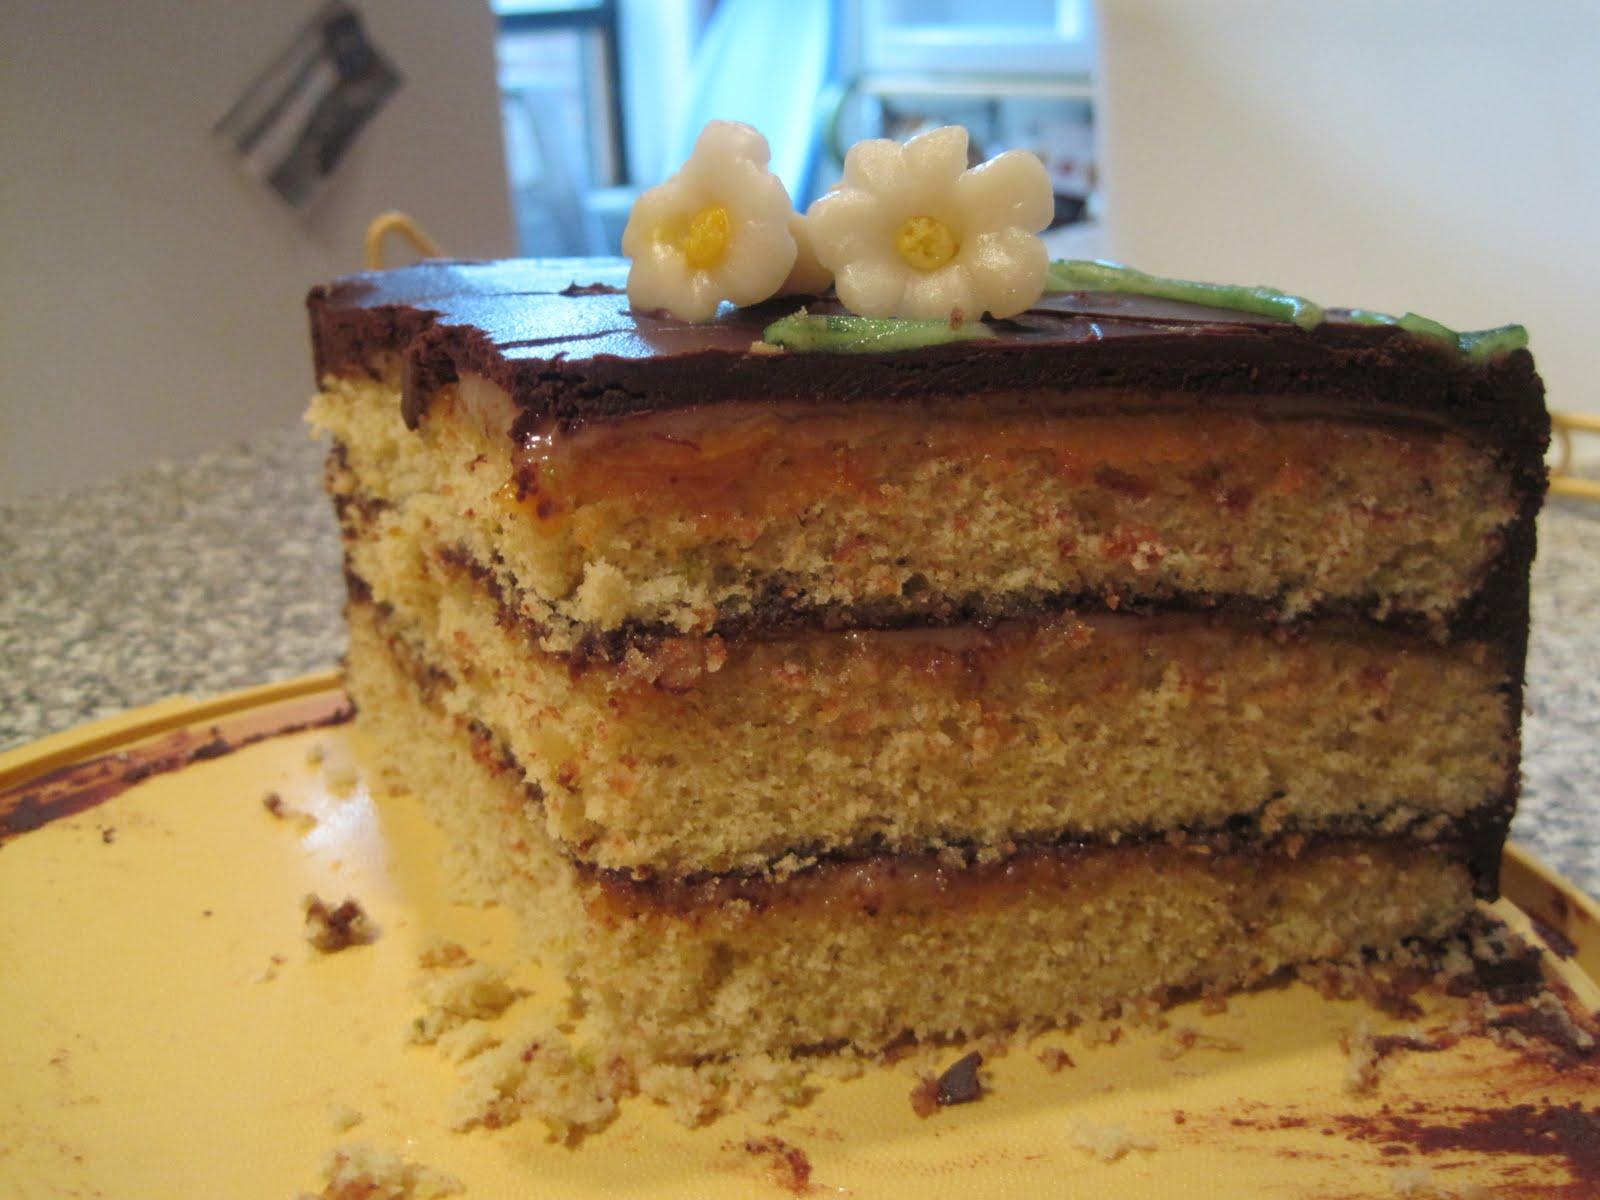 Making Michael Pollan Proud My Birthday Cake